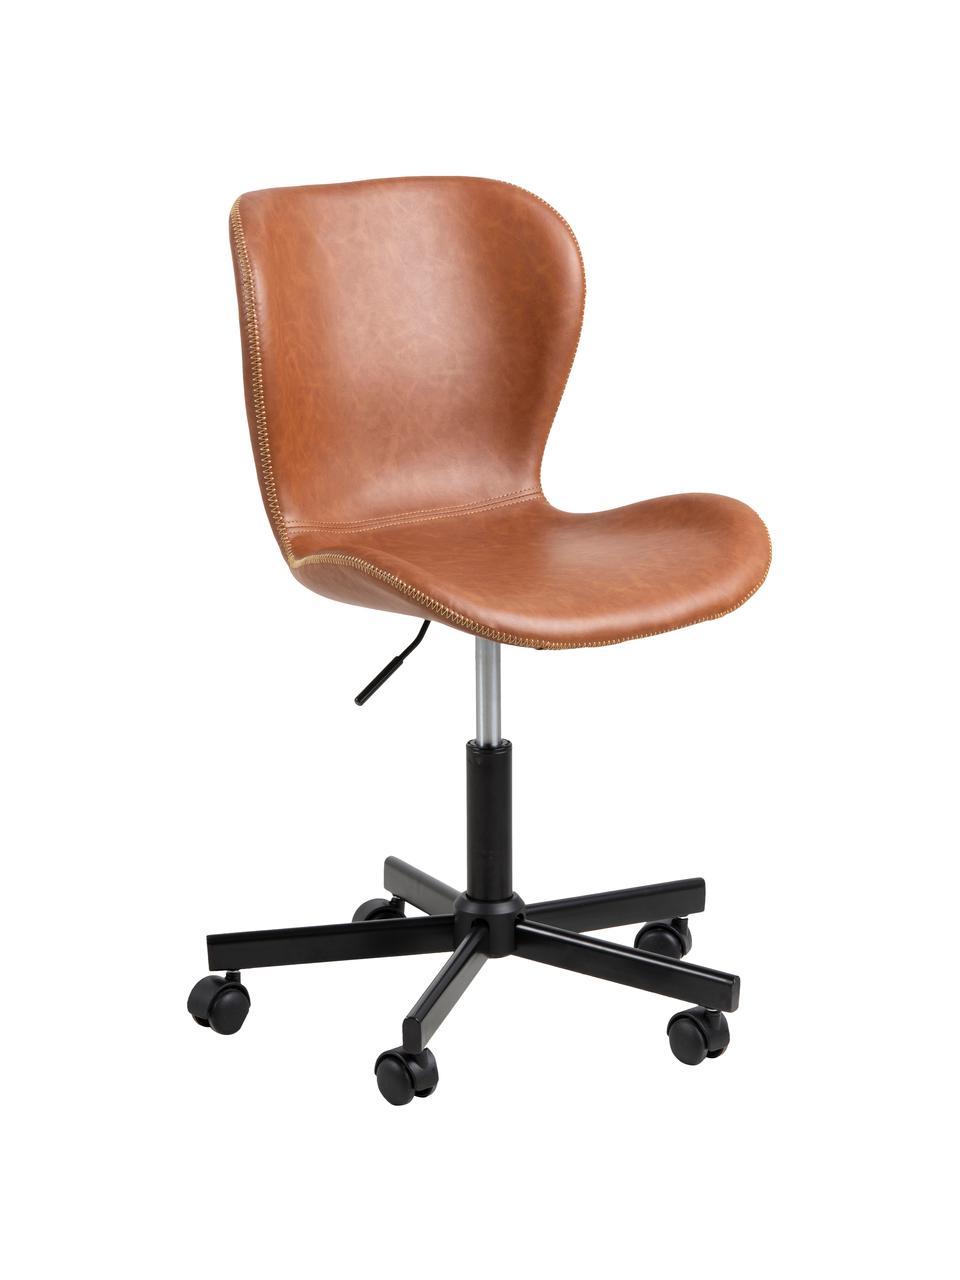 Obrotowe krzesło biurowe ze sztucznej skóry Batilda, Tapicerka: sztuczna skóra, Nogi: metal malowany proszkowo, Koniakowy, S 55 x G 54 cm